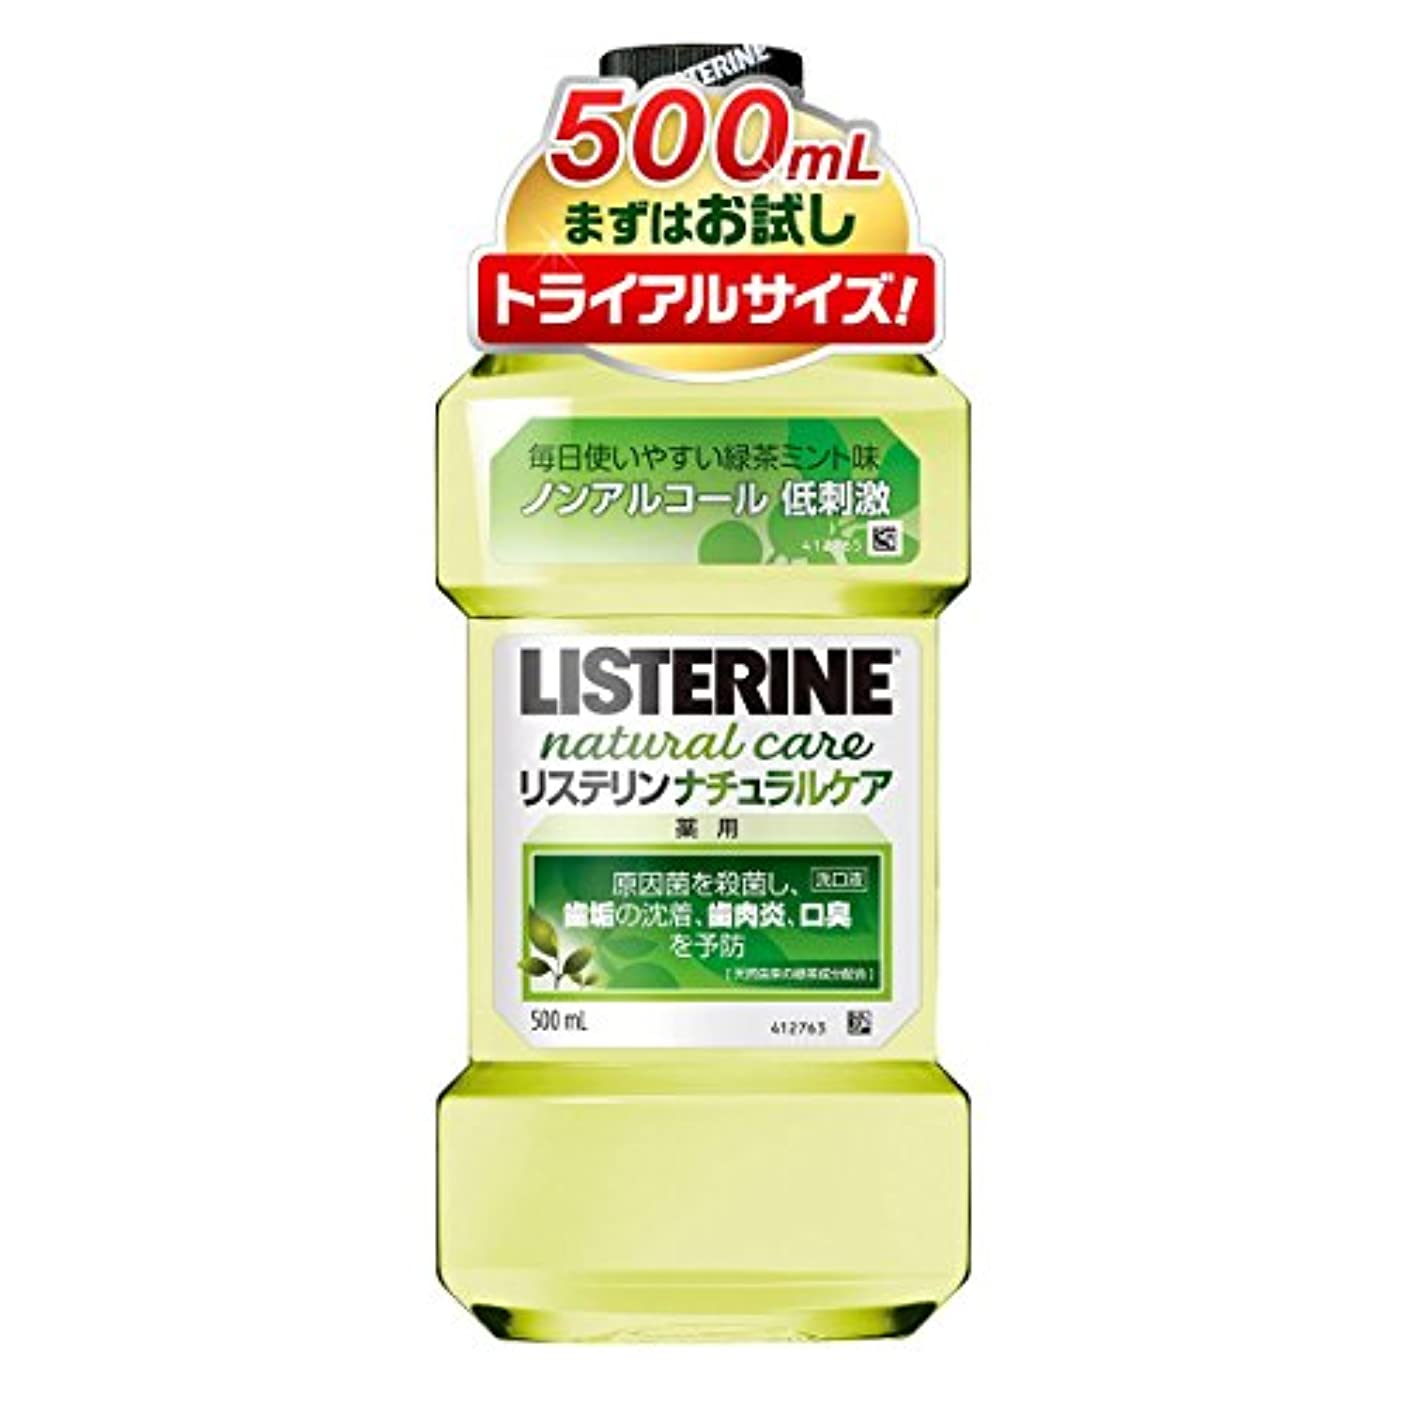 分注するソロ崇拝します[医薬部外品] 薬用 リステリン マウスウォッシュ ナチュラルケア 500mL ノンアルコールタイプ